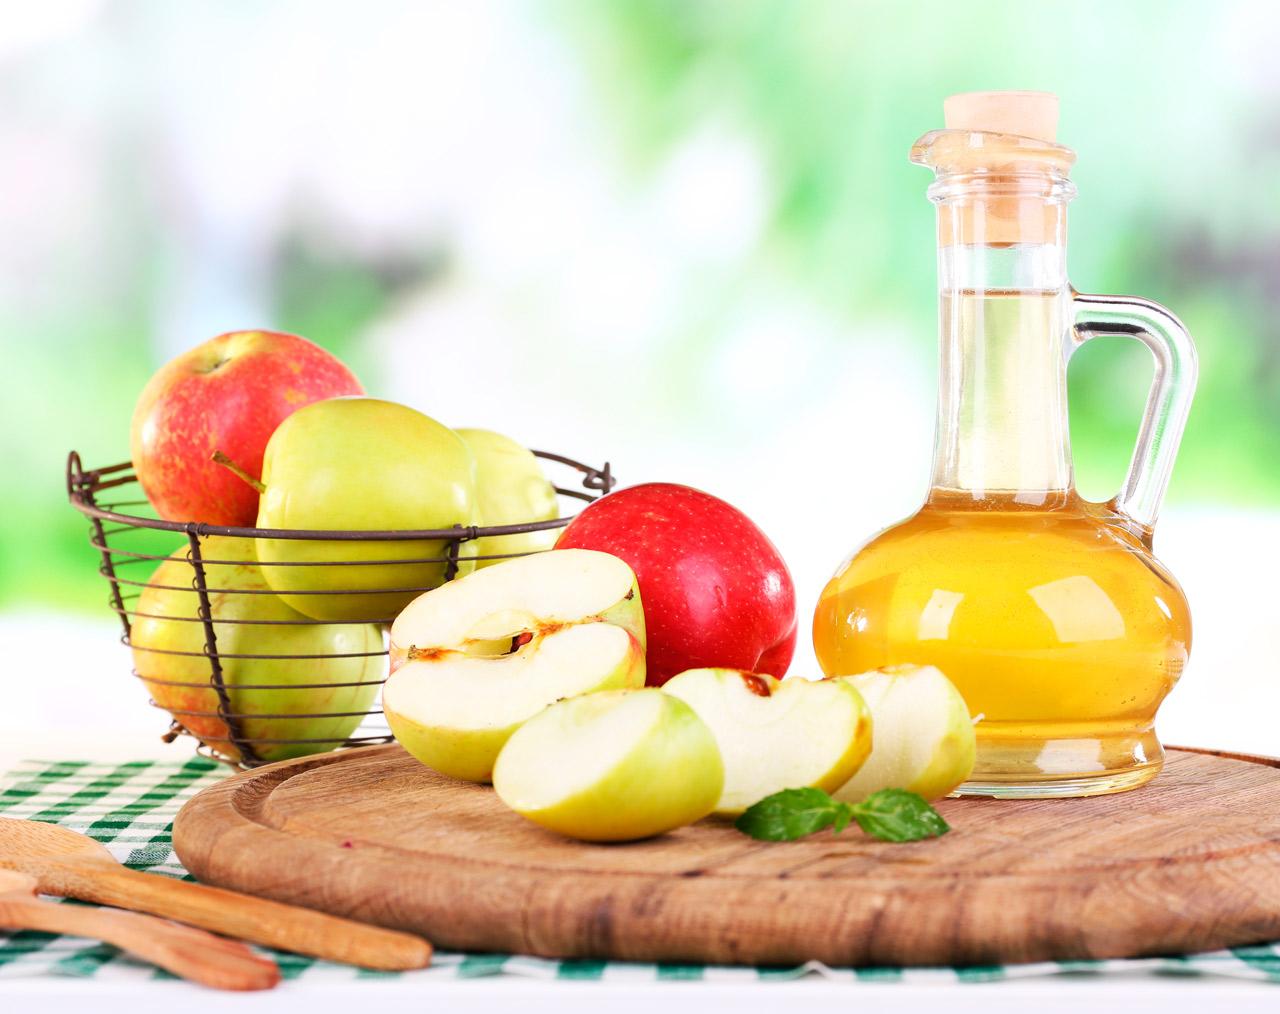 Remedio de ba o de sal y vinagre para la tendinitis - Banos de sal y vinagre ...